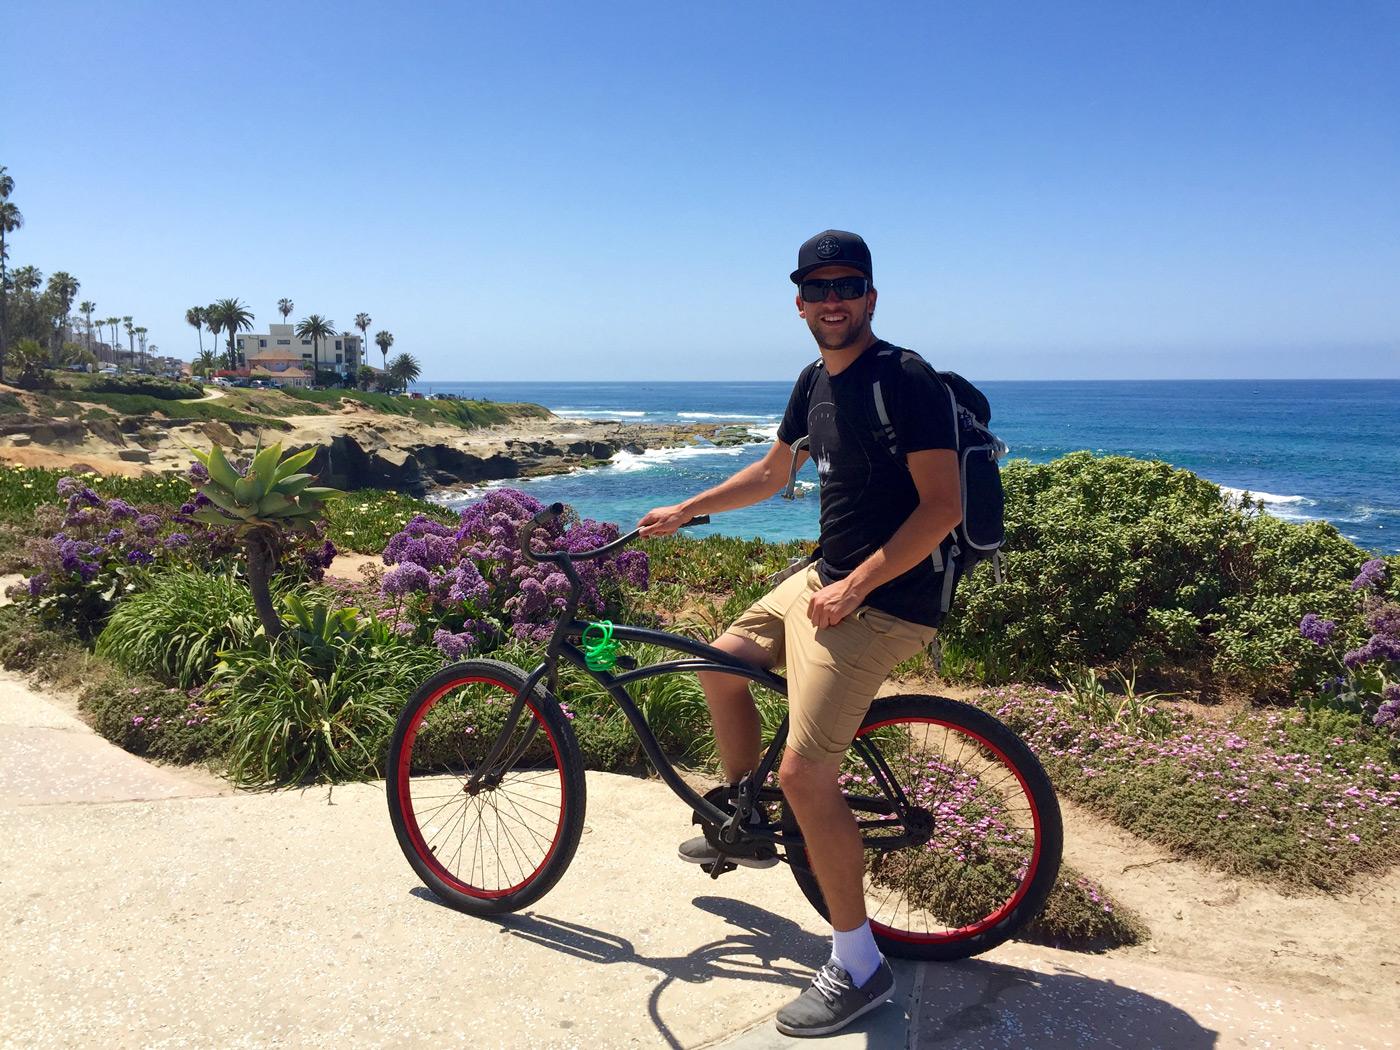 Exploring by bike